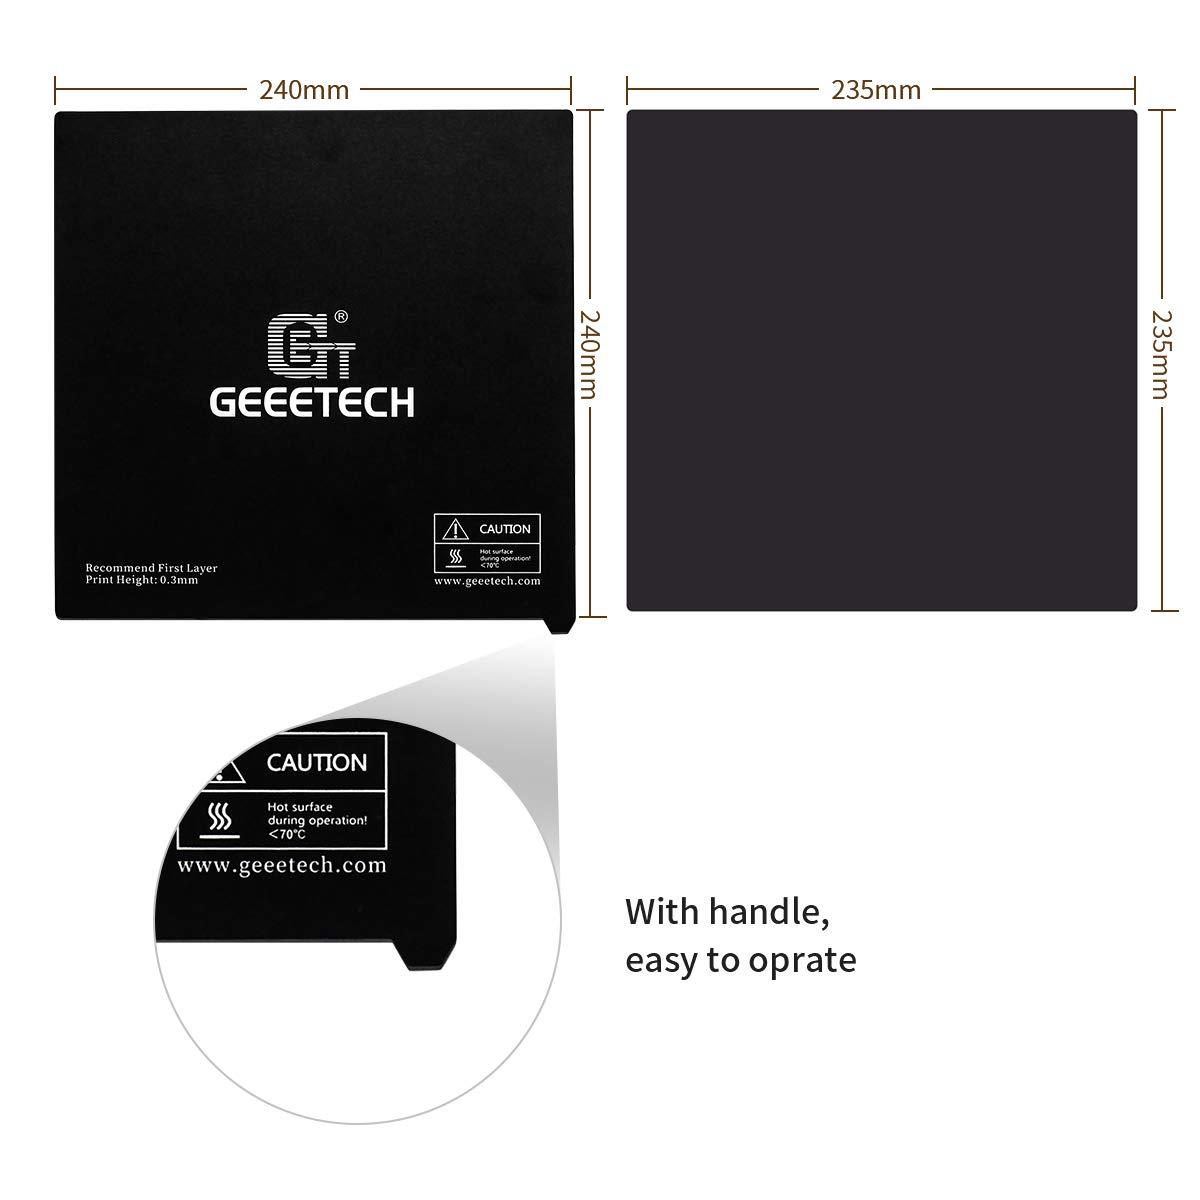 DERUC Geeetech Imprimante 3D flexible amovible plaque magn/étique 3M adh/ésif double face A30